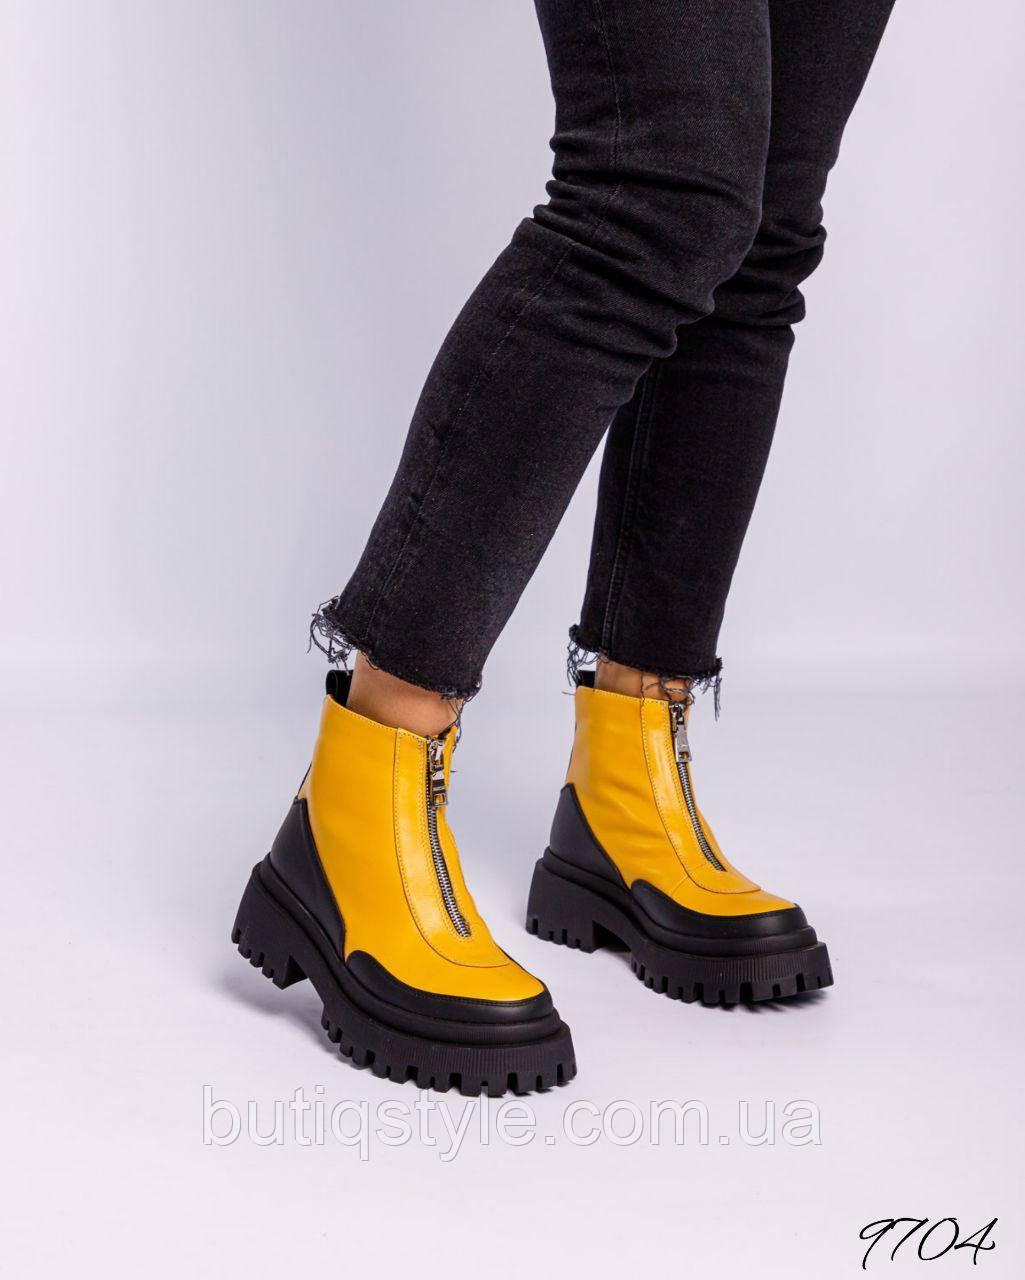 Женские желтые ботинки натуральная кожа на молнии Деми